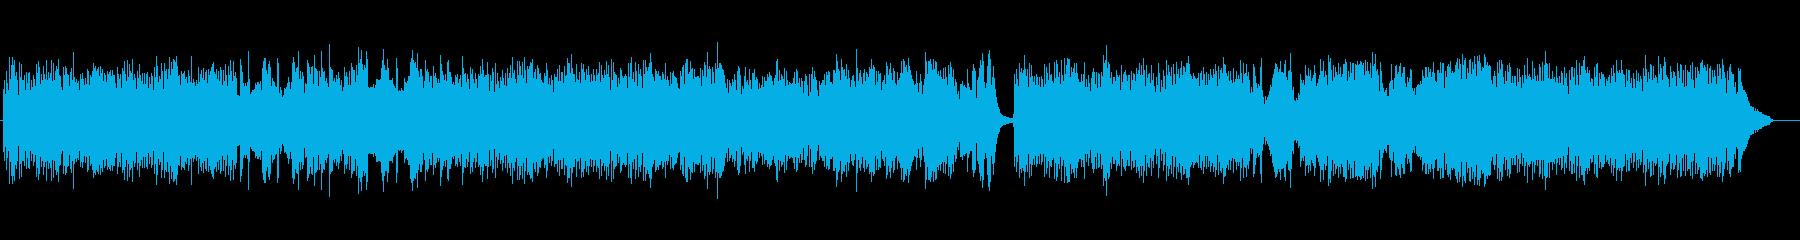 流れるようなメロディのロンドの再生済みの波形